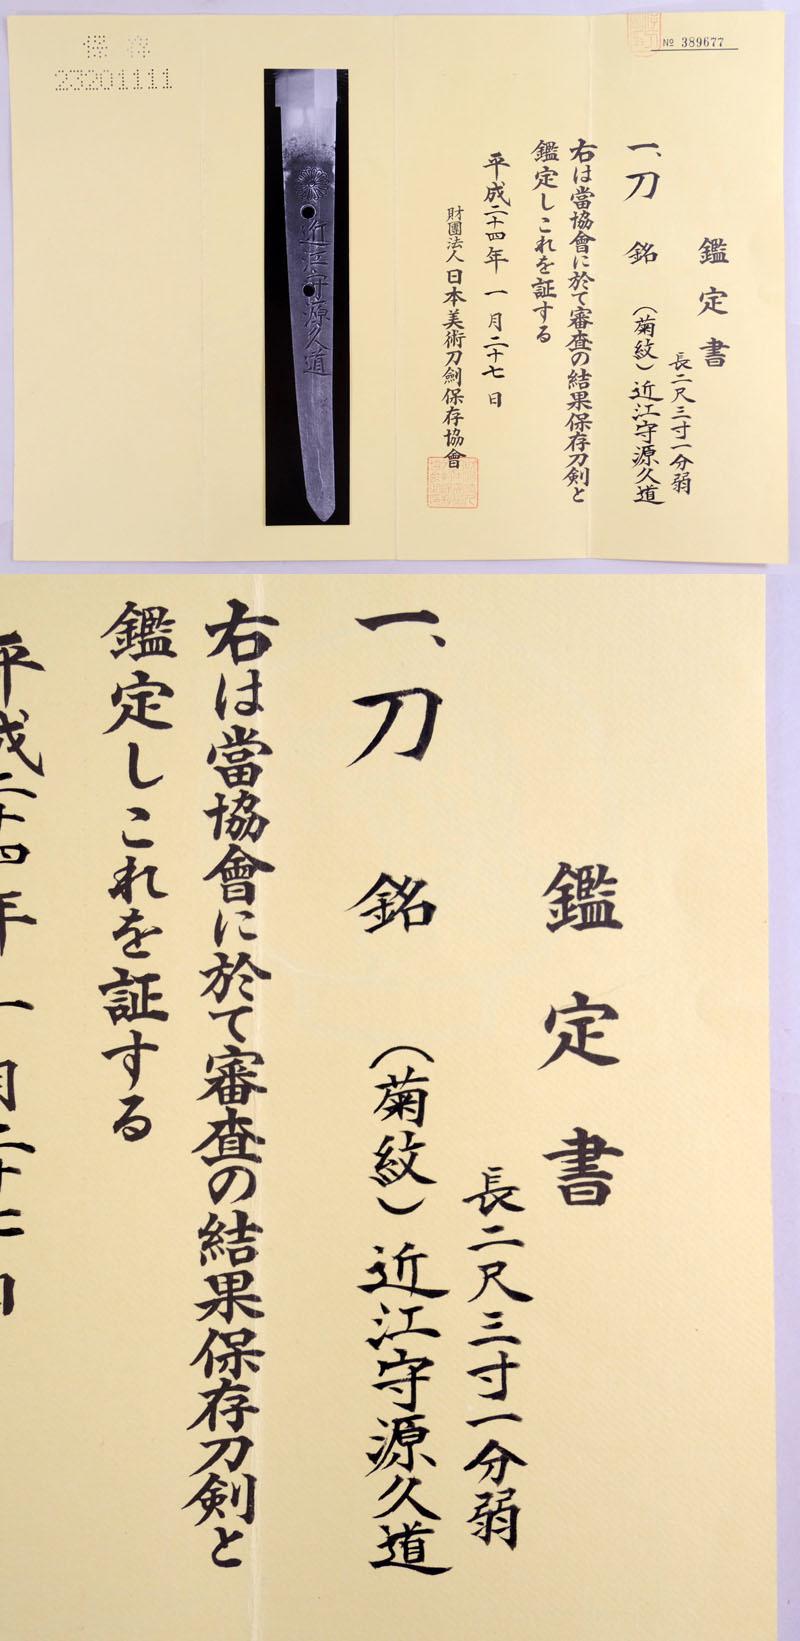 近江守源久道(初代) Picture of Certificate